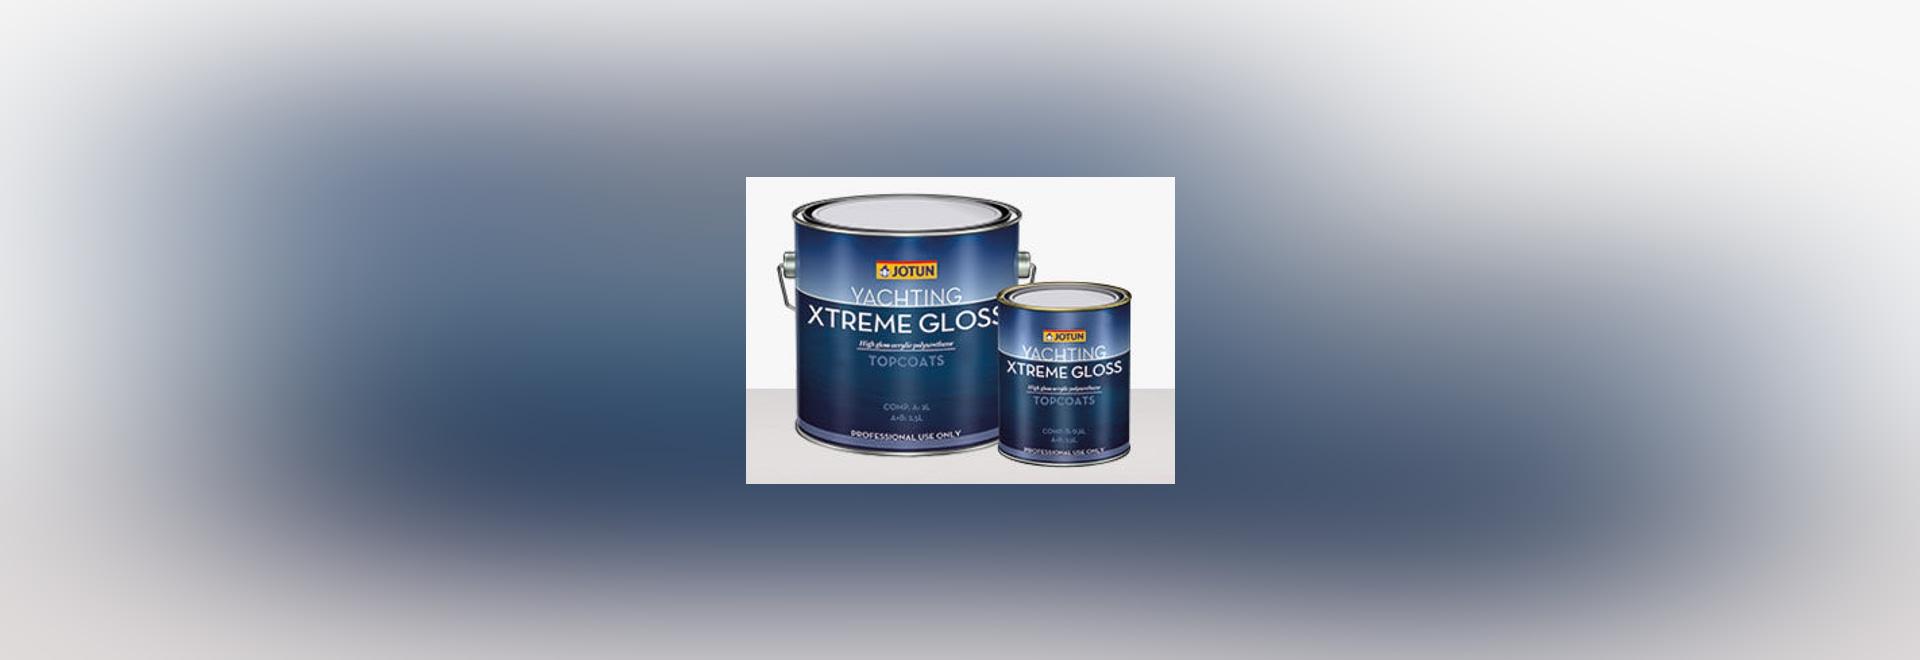 NOUVEAU : manteau de finition acrylique de rapide-séchage pour les navires marchands et les navires professionnels par JOTUN